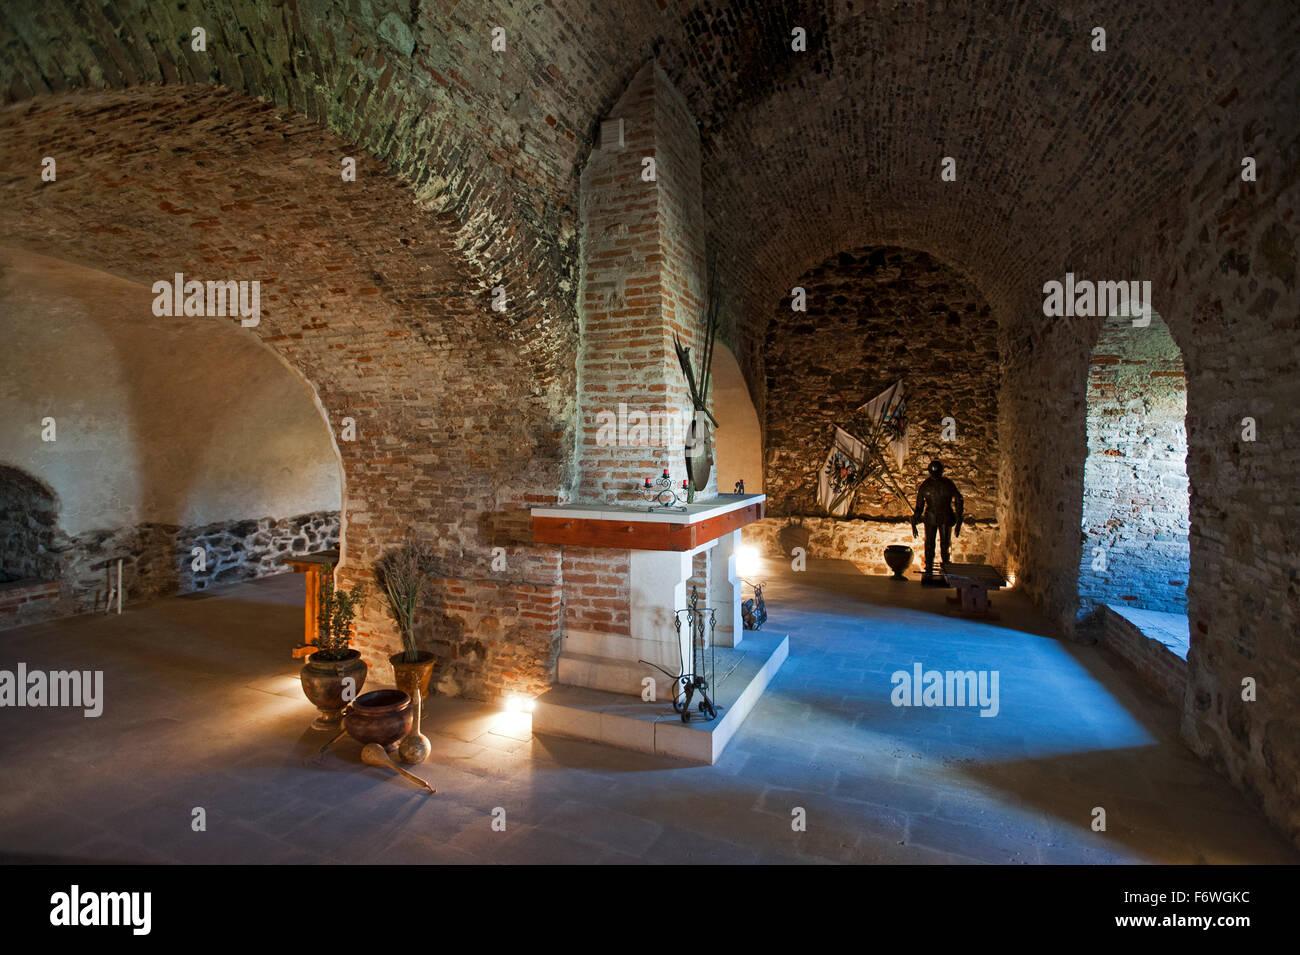 The interior of the fortress, Alba Iulia, Transylvania, Romania - Stock Image